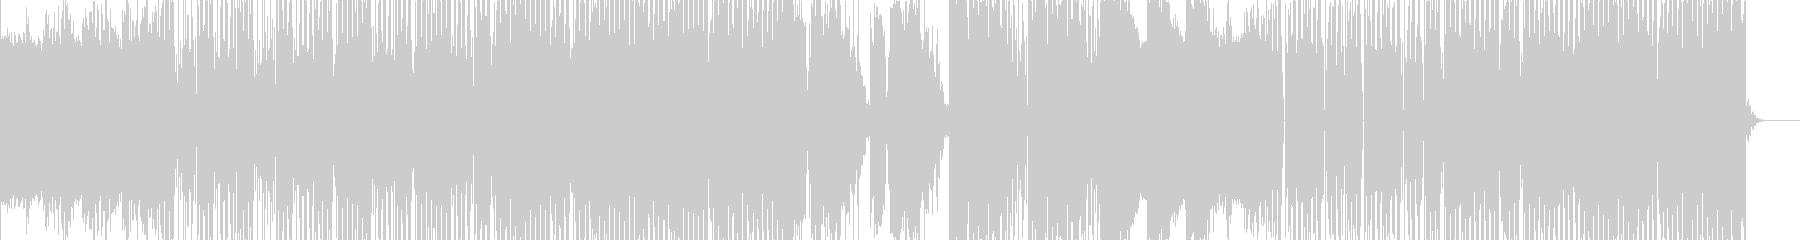 実験電子機器で技術のある曲の未再生の波形